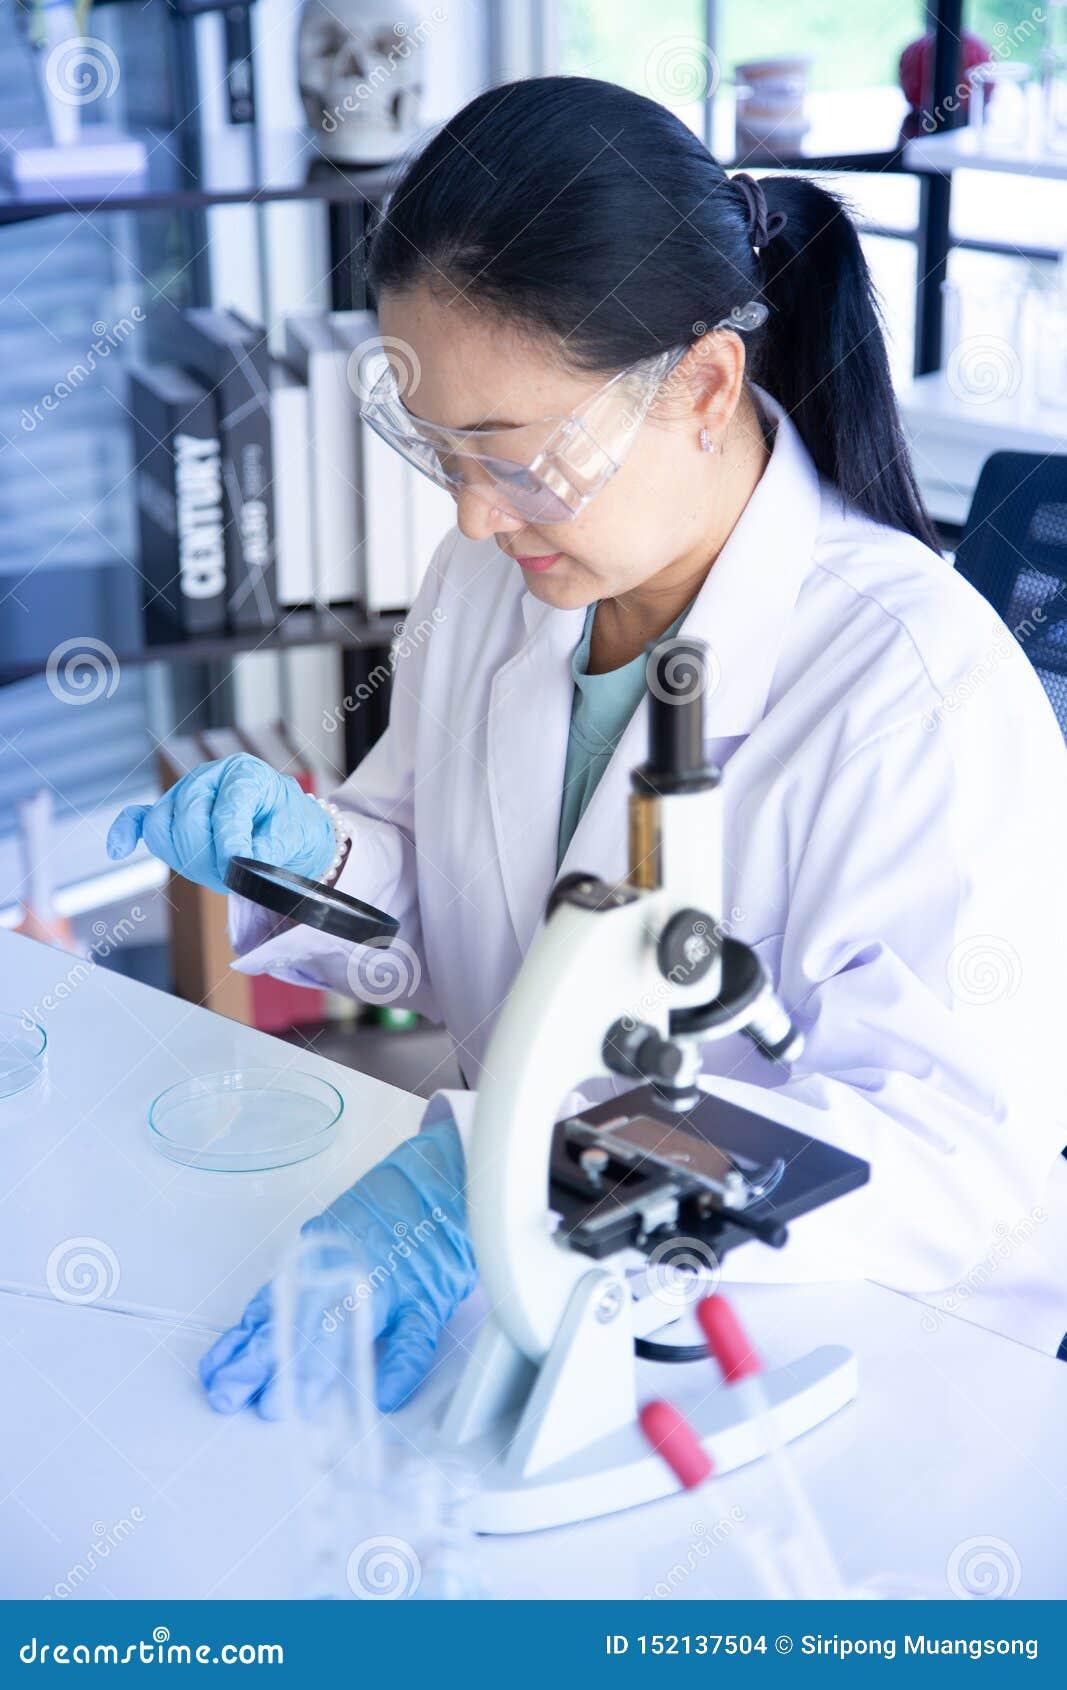 Старый взгляд ученого женщины Азии хотя лупа к чашке Петри в лаборатории к seriusly